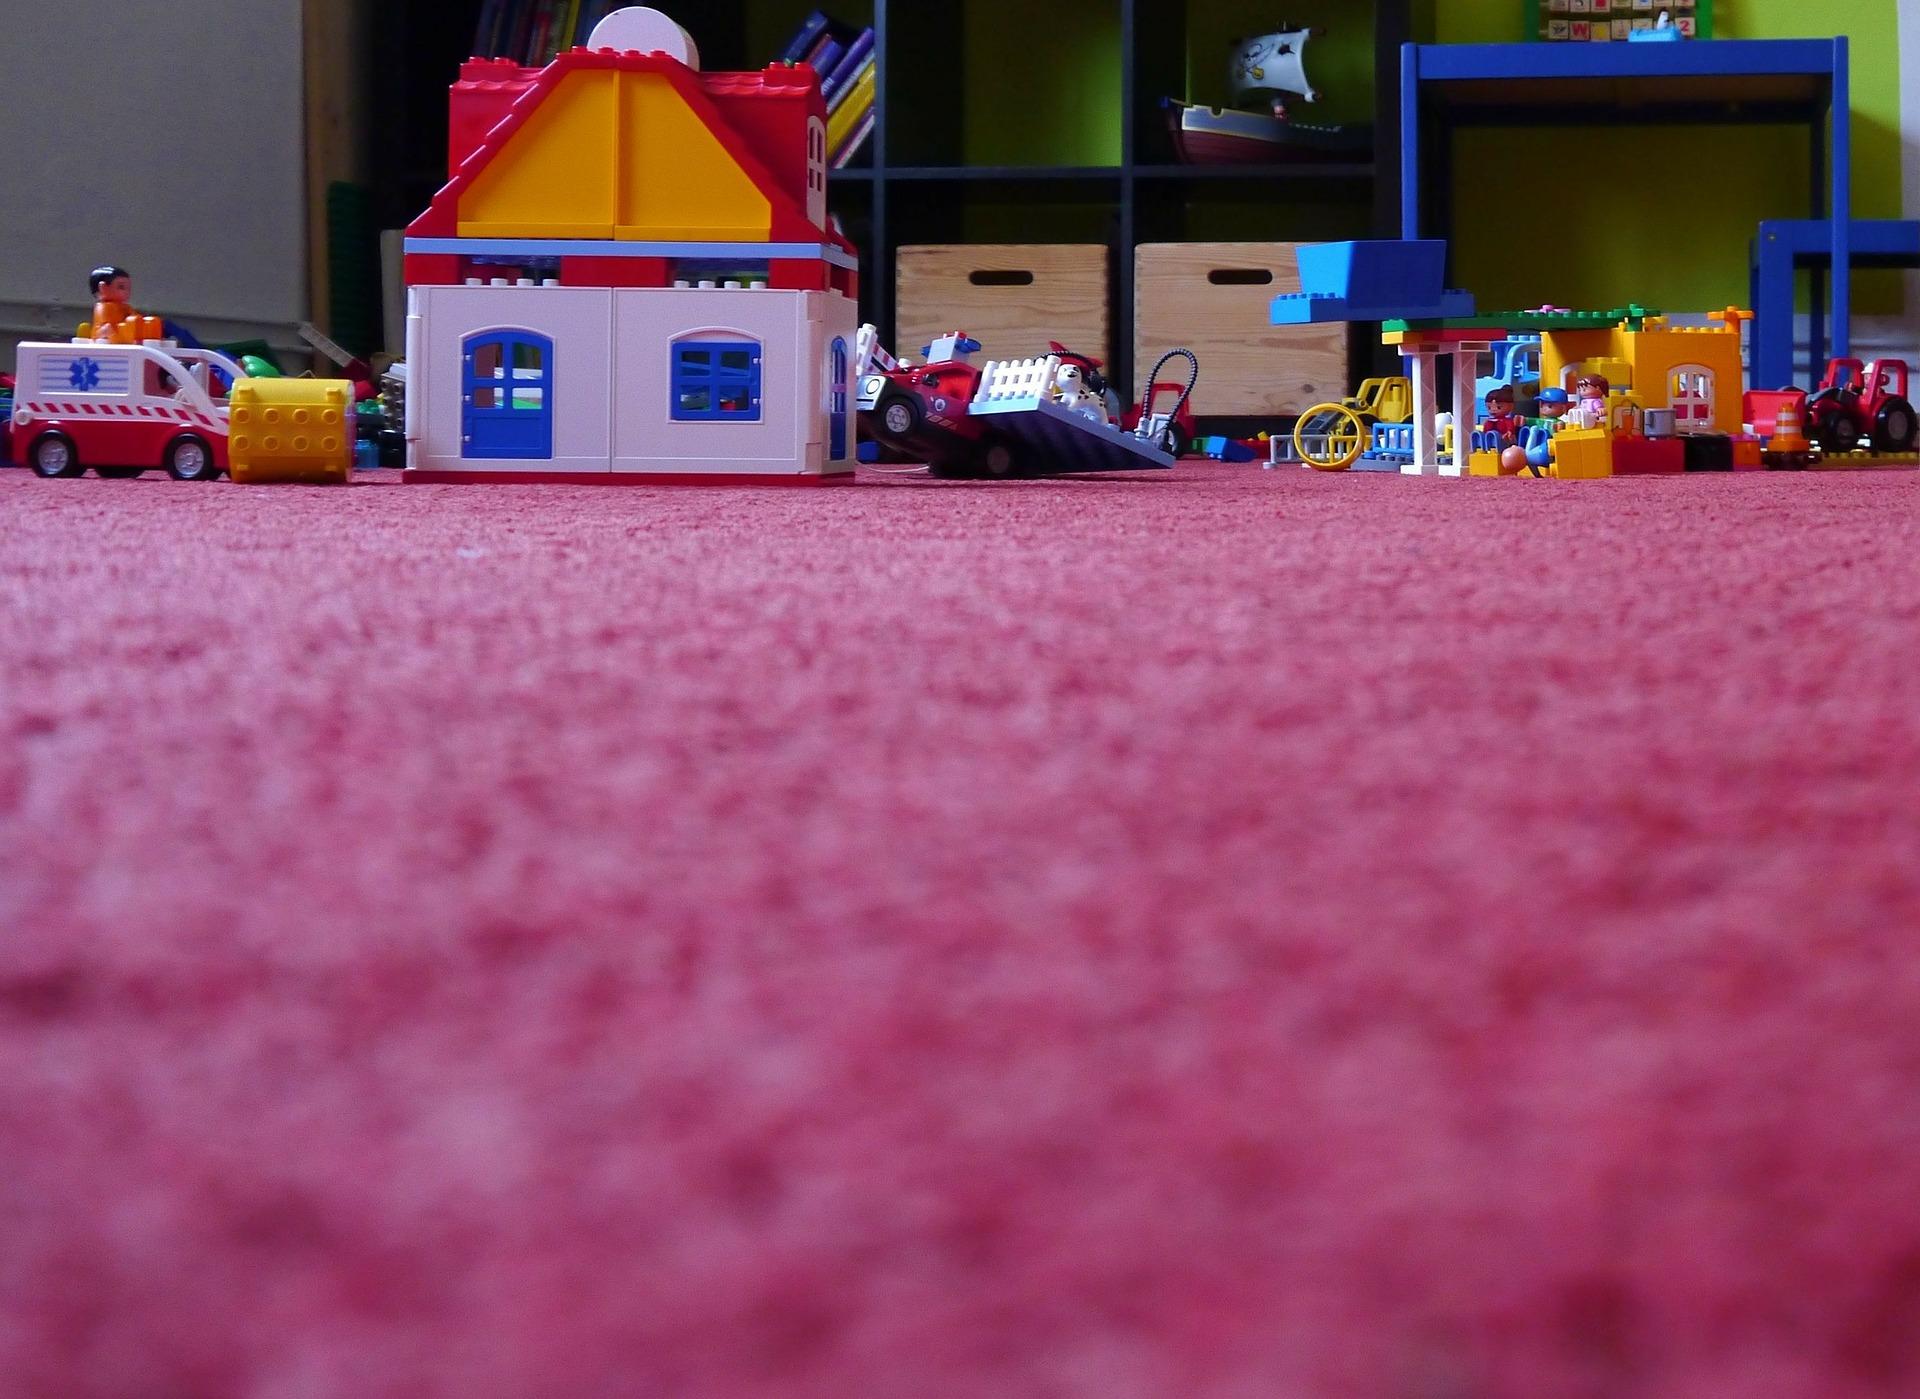 Frischer Wind im Zwergenreich – Gestaltung des Kinderzimmers ...